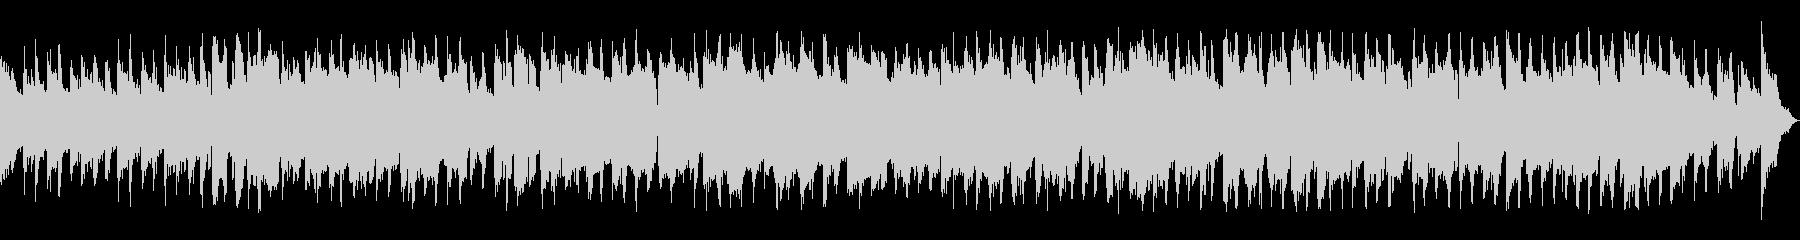 サックスがメインの日常系ジャズの未再生の波形